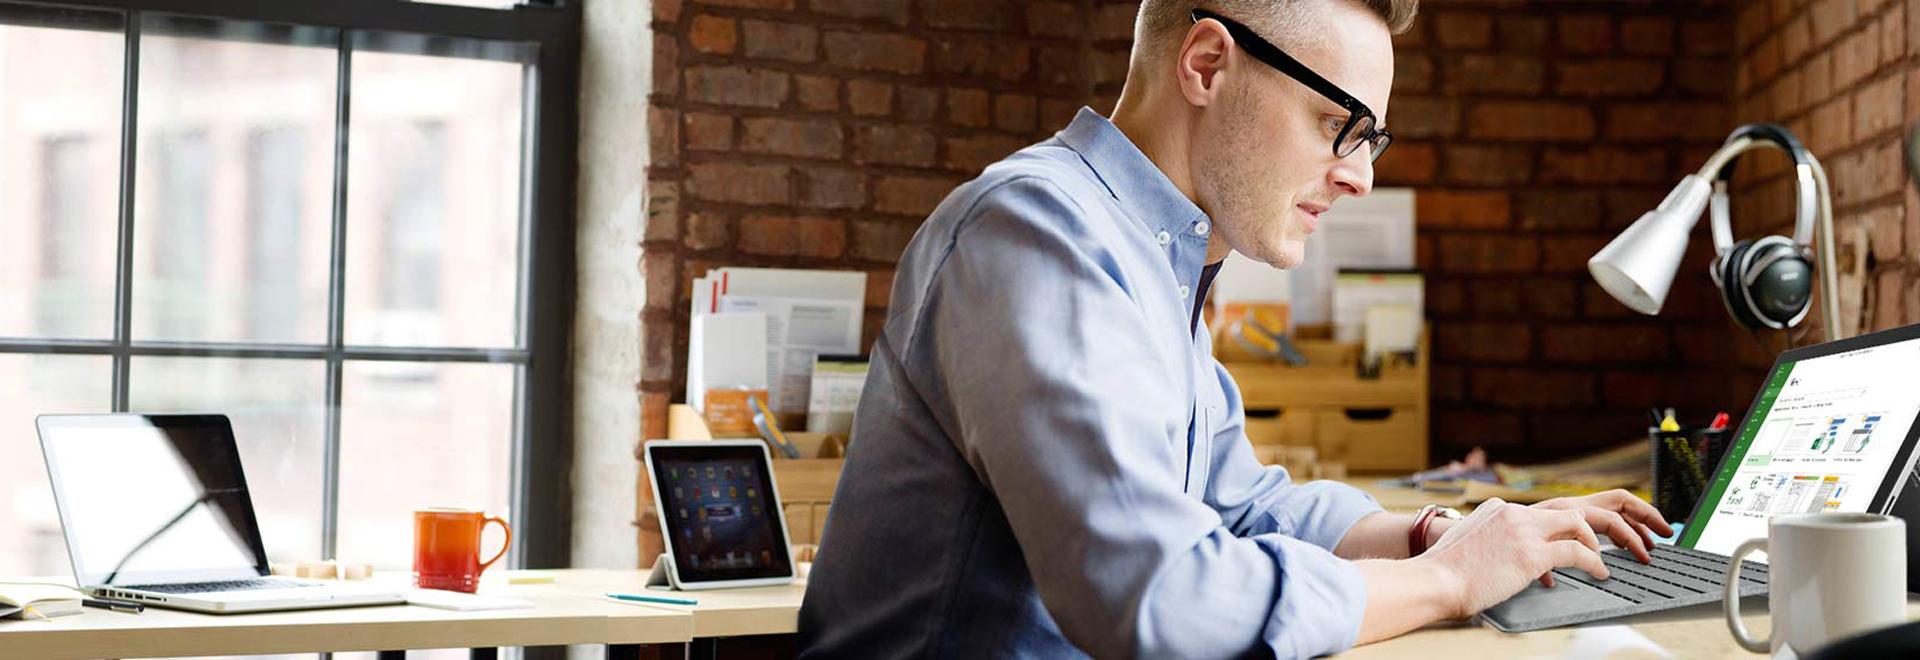 Moški sedi pri mizi in v tabličnem računalniku Surface uporablja Microsoft Project.